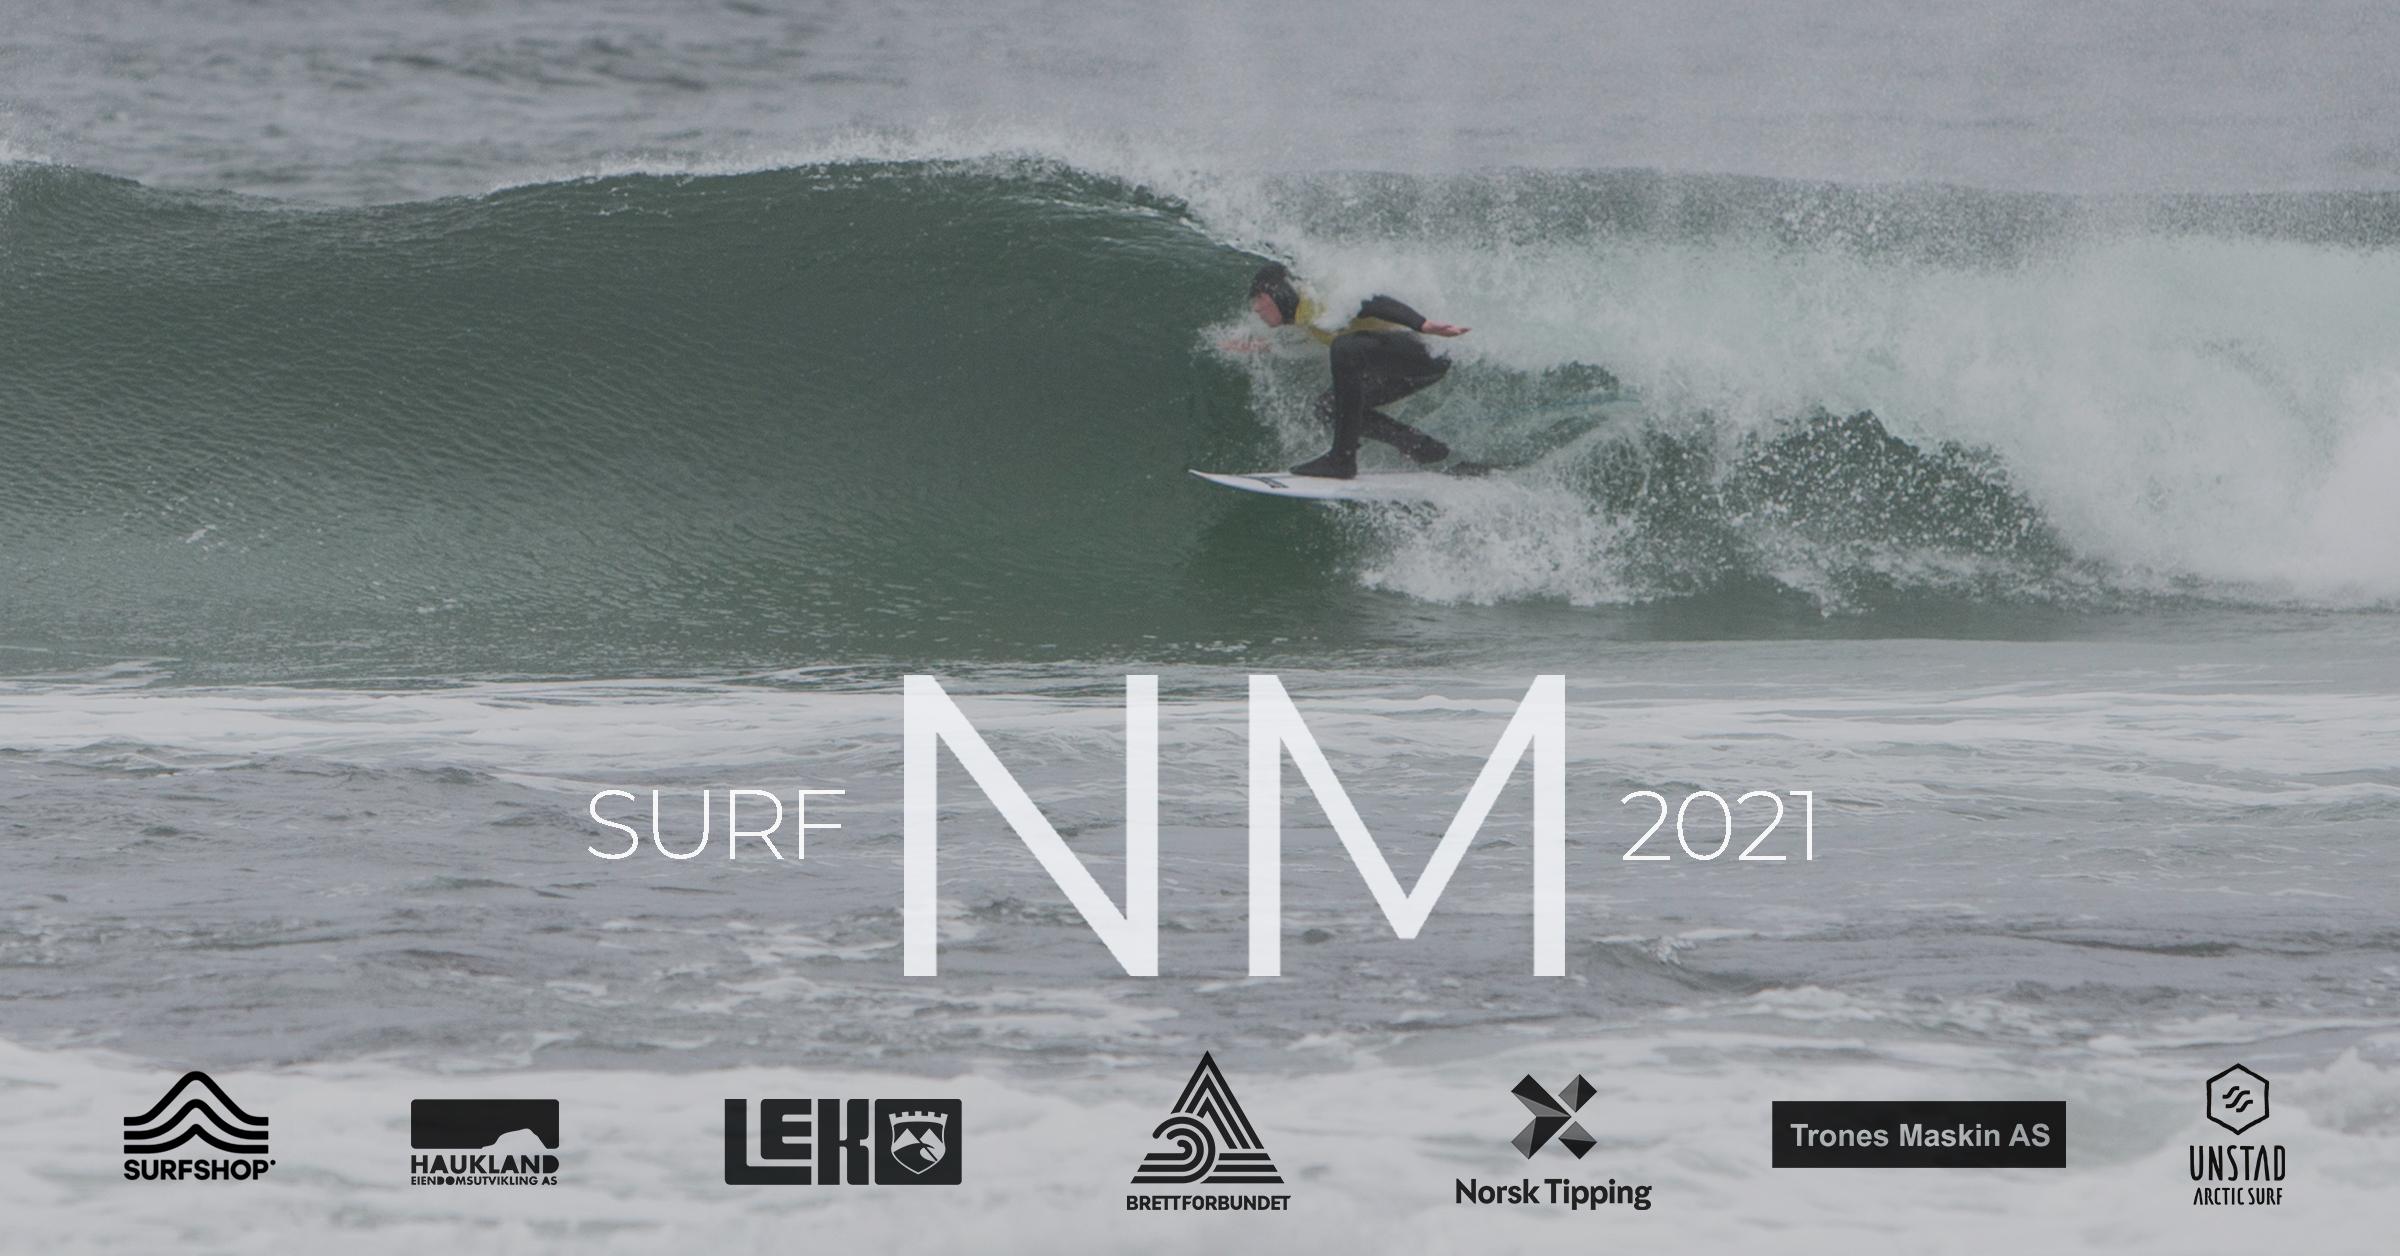 Se Lofoten Masters og Surf-NM direkte!